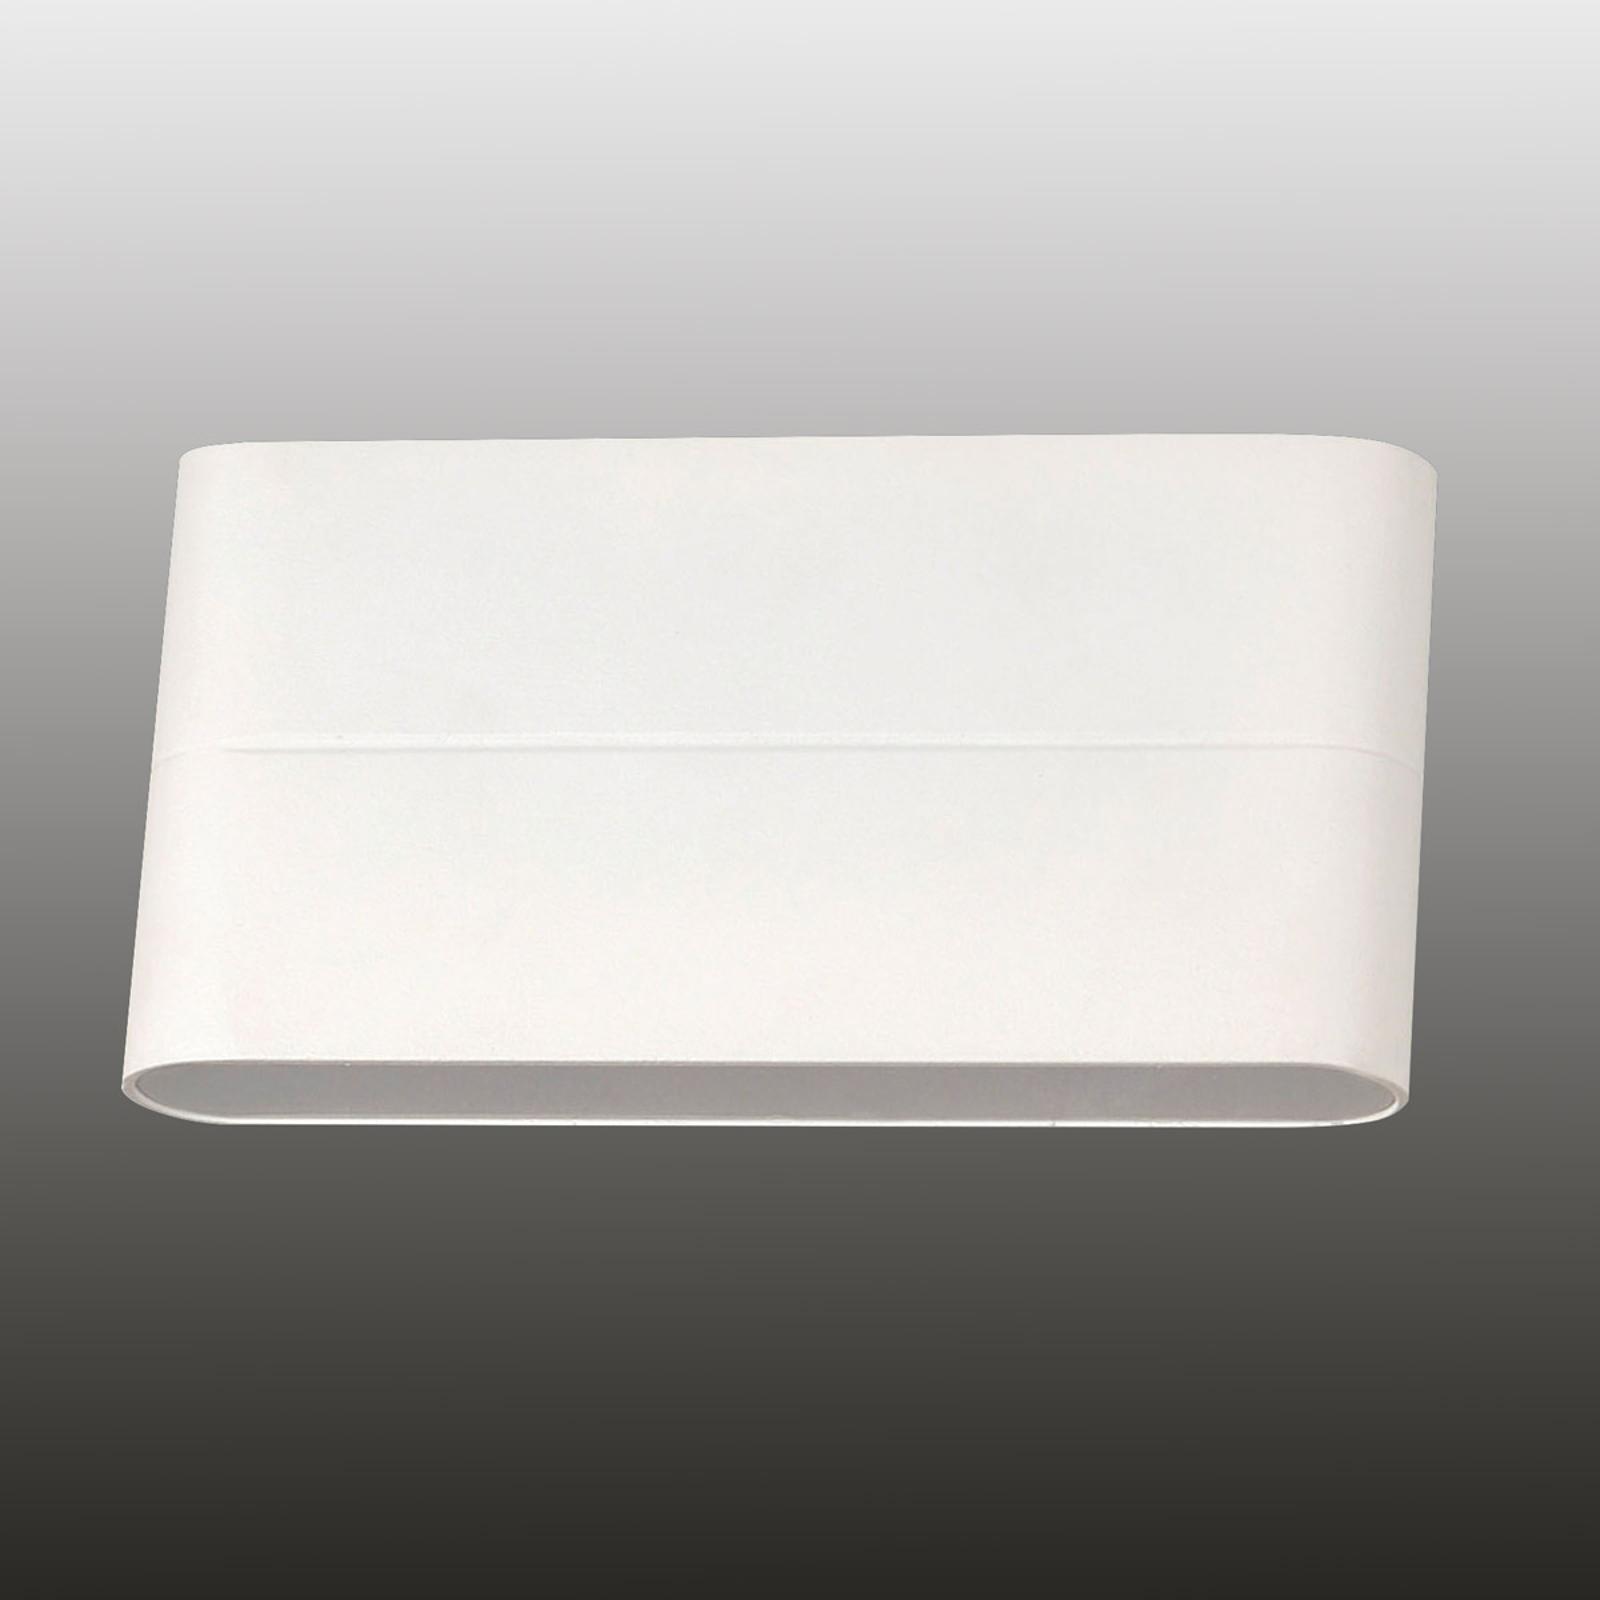 Casper – biała lampa ścienna LED na zewnątrz